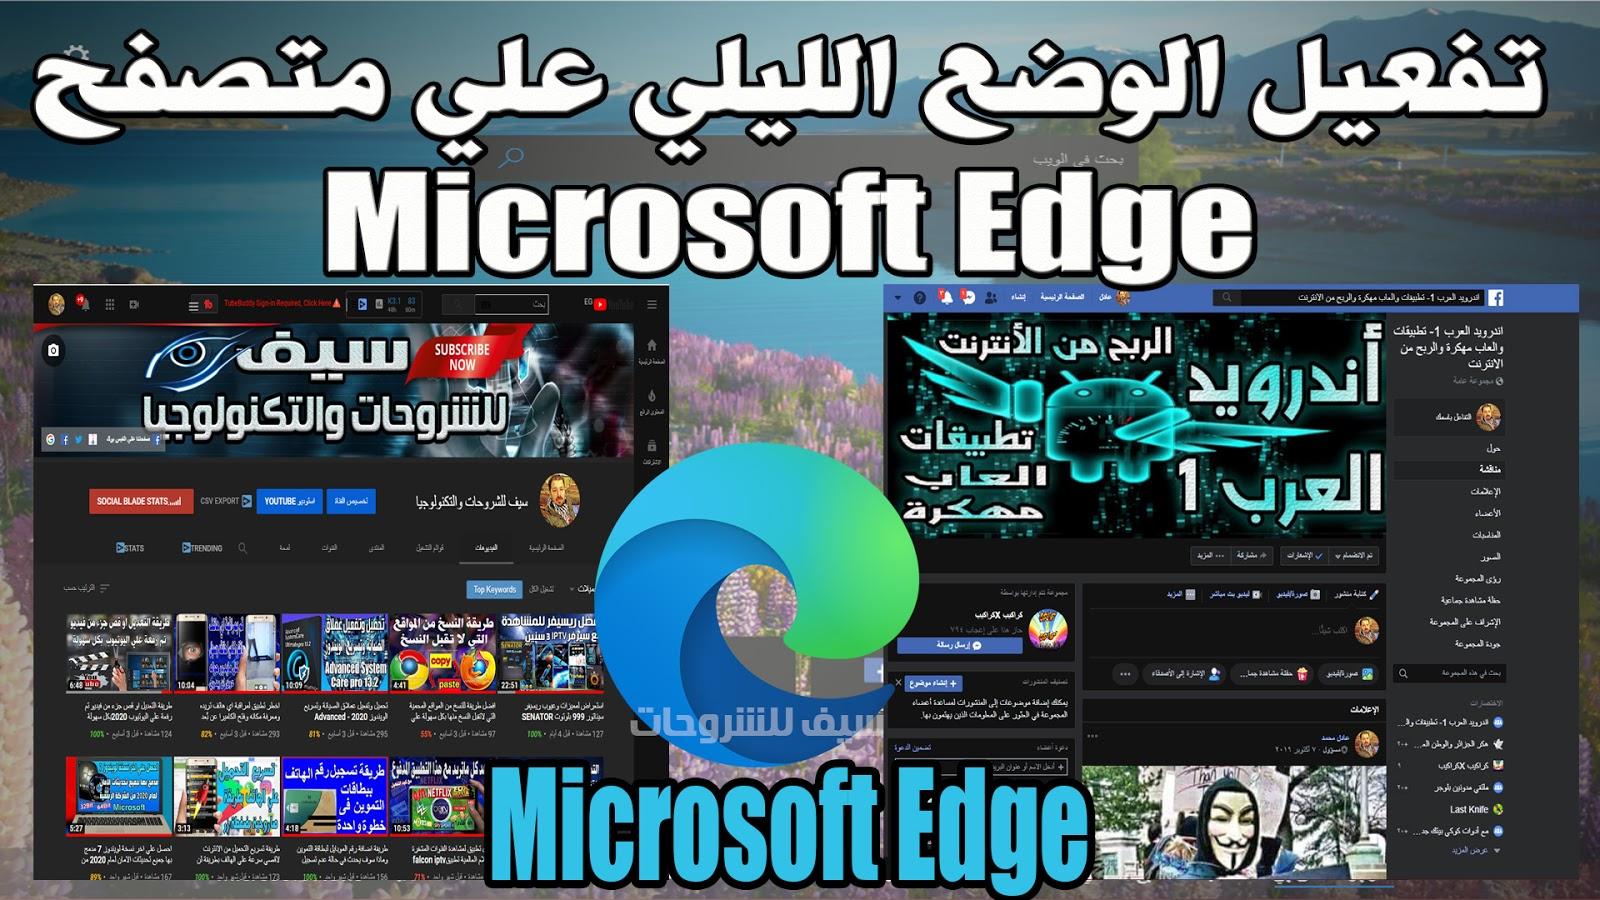 تحديث متصفح Microsoft Edge وتفعيل الوضع المظلم علي جميع المواقع بكل سهولة وبدون اضافات